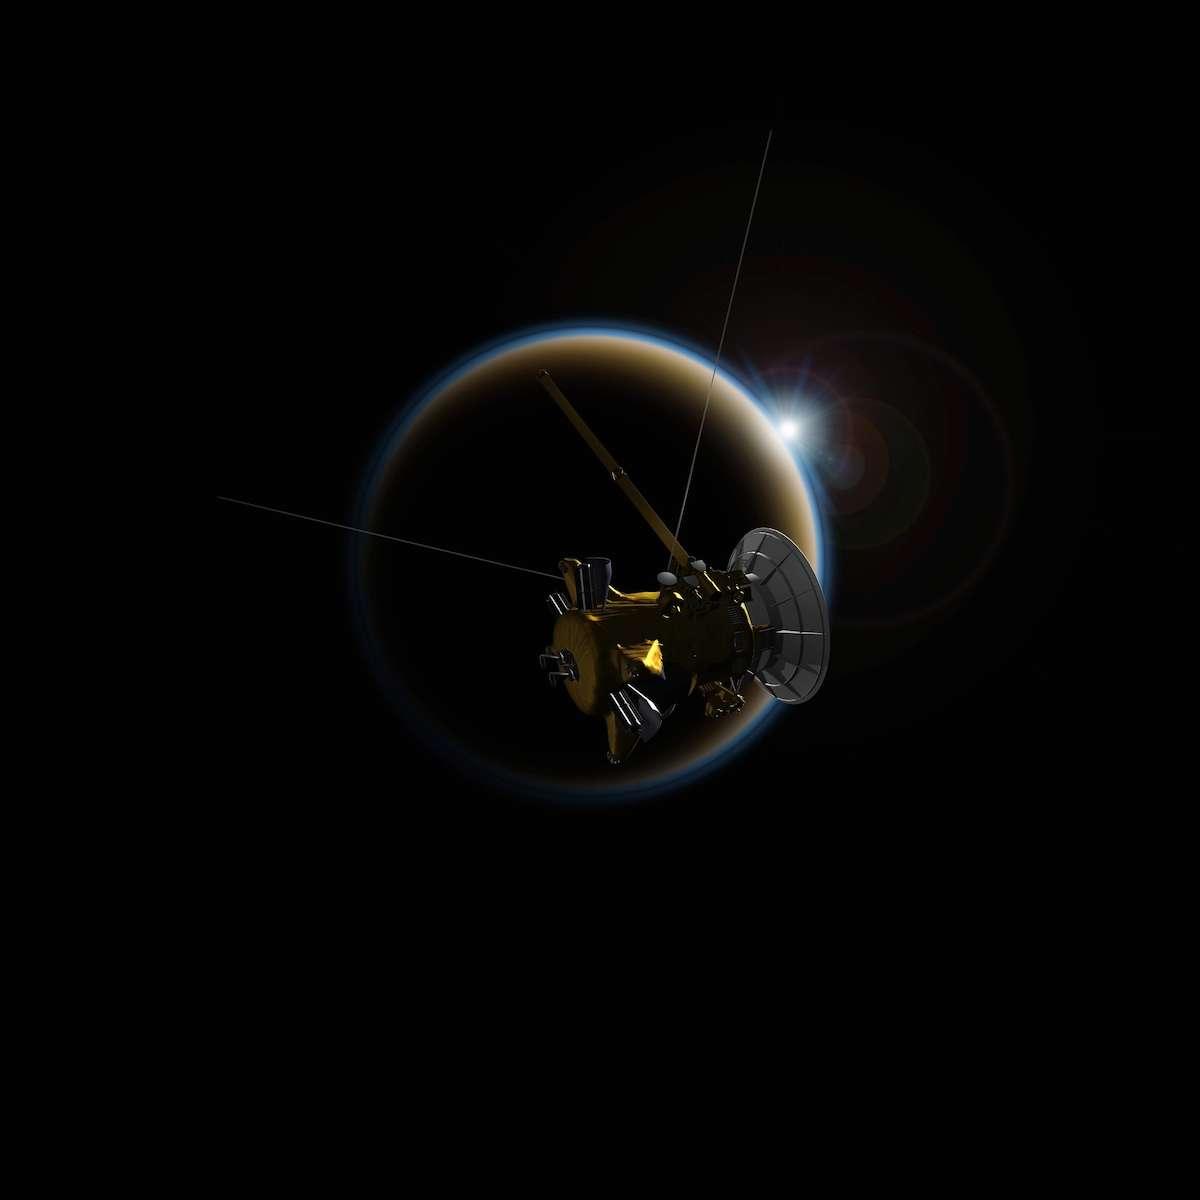 Illustration de la sonde spatiale Cassini approchant Titan, satellite naturel de 5.150 km de diamètre gravitant autour de Saturne. En analysant les données collectées par le spectromètre Vims (Visual and Infrared Mapping Spectrometer) lors d'occultations solaires, une équipe de chercheurs souligne l'influence de la couche de brume dans la compréhension de son atmosphère à basse altitude. © Nasa, JPL-Caltech